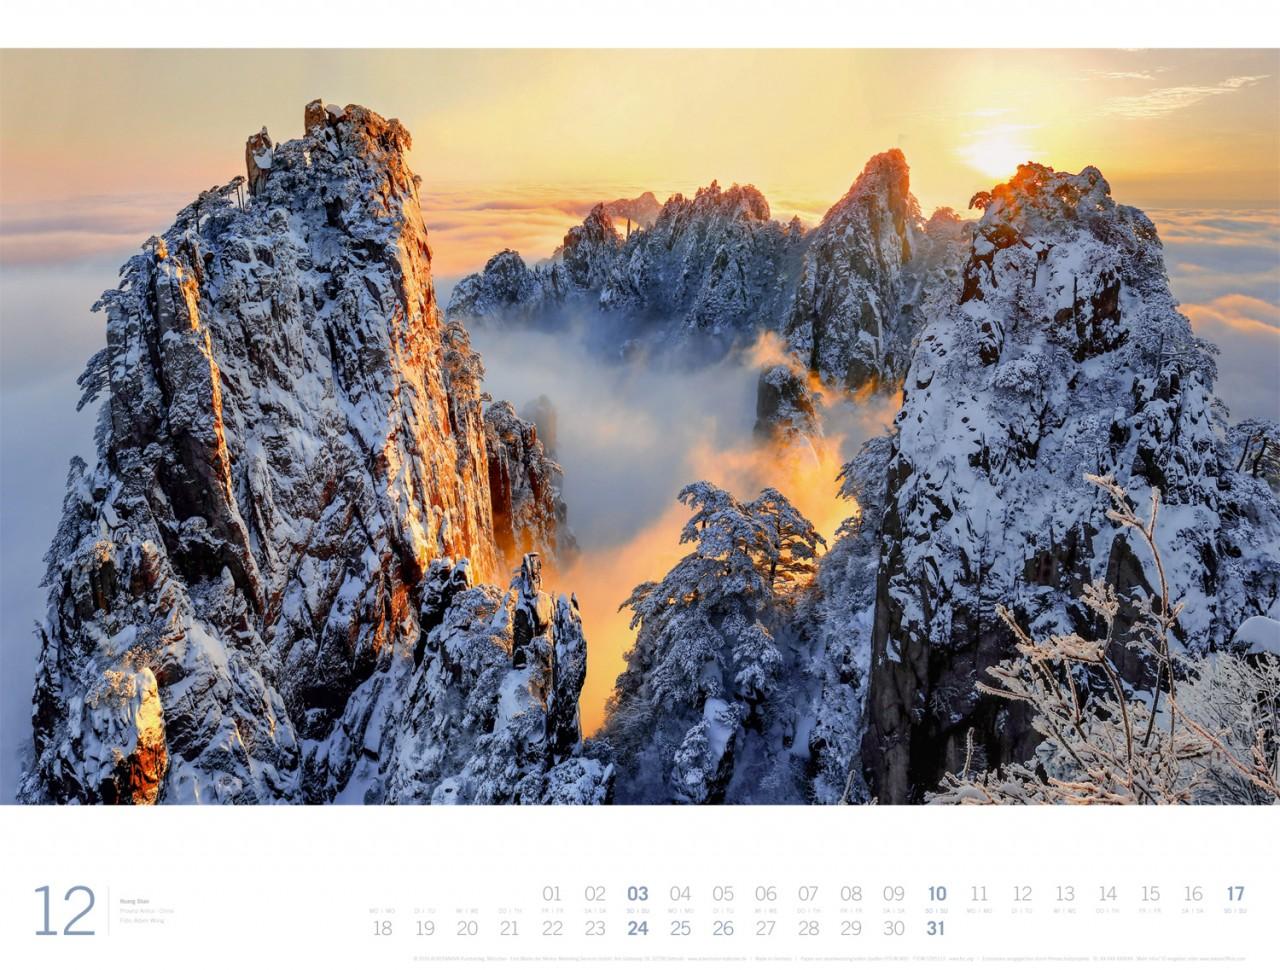 1 für 12: jetzt 3 x 1 xl panorama kalender für 2017 gewinnen ...